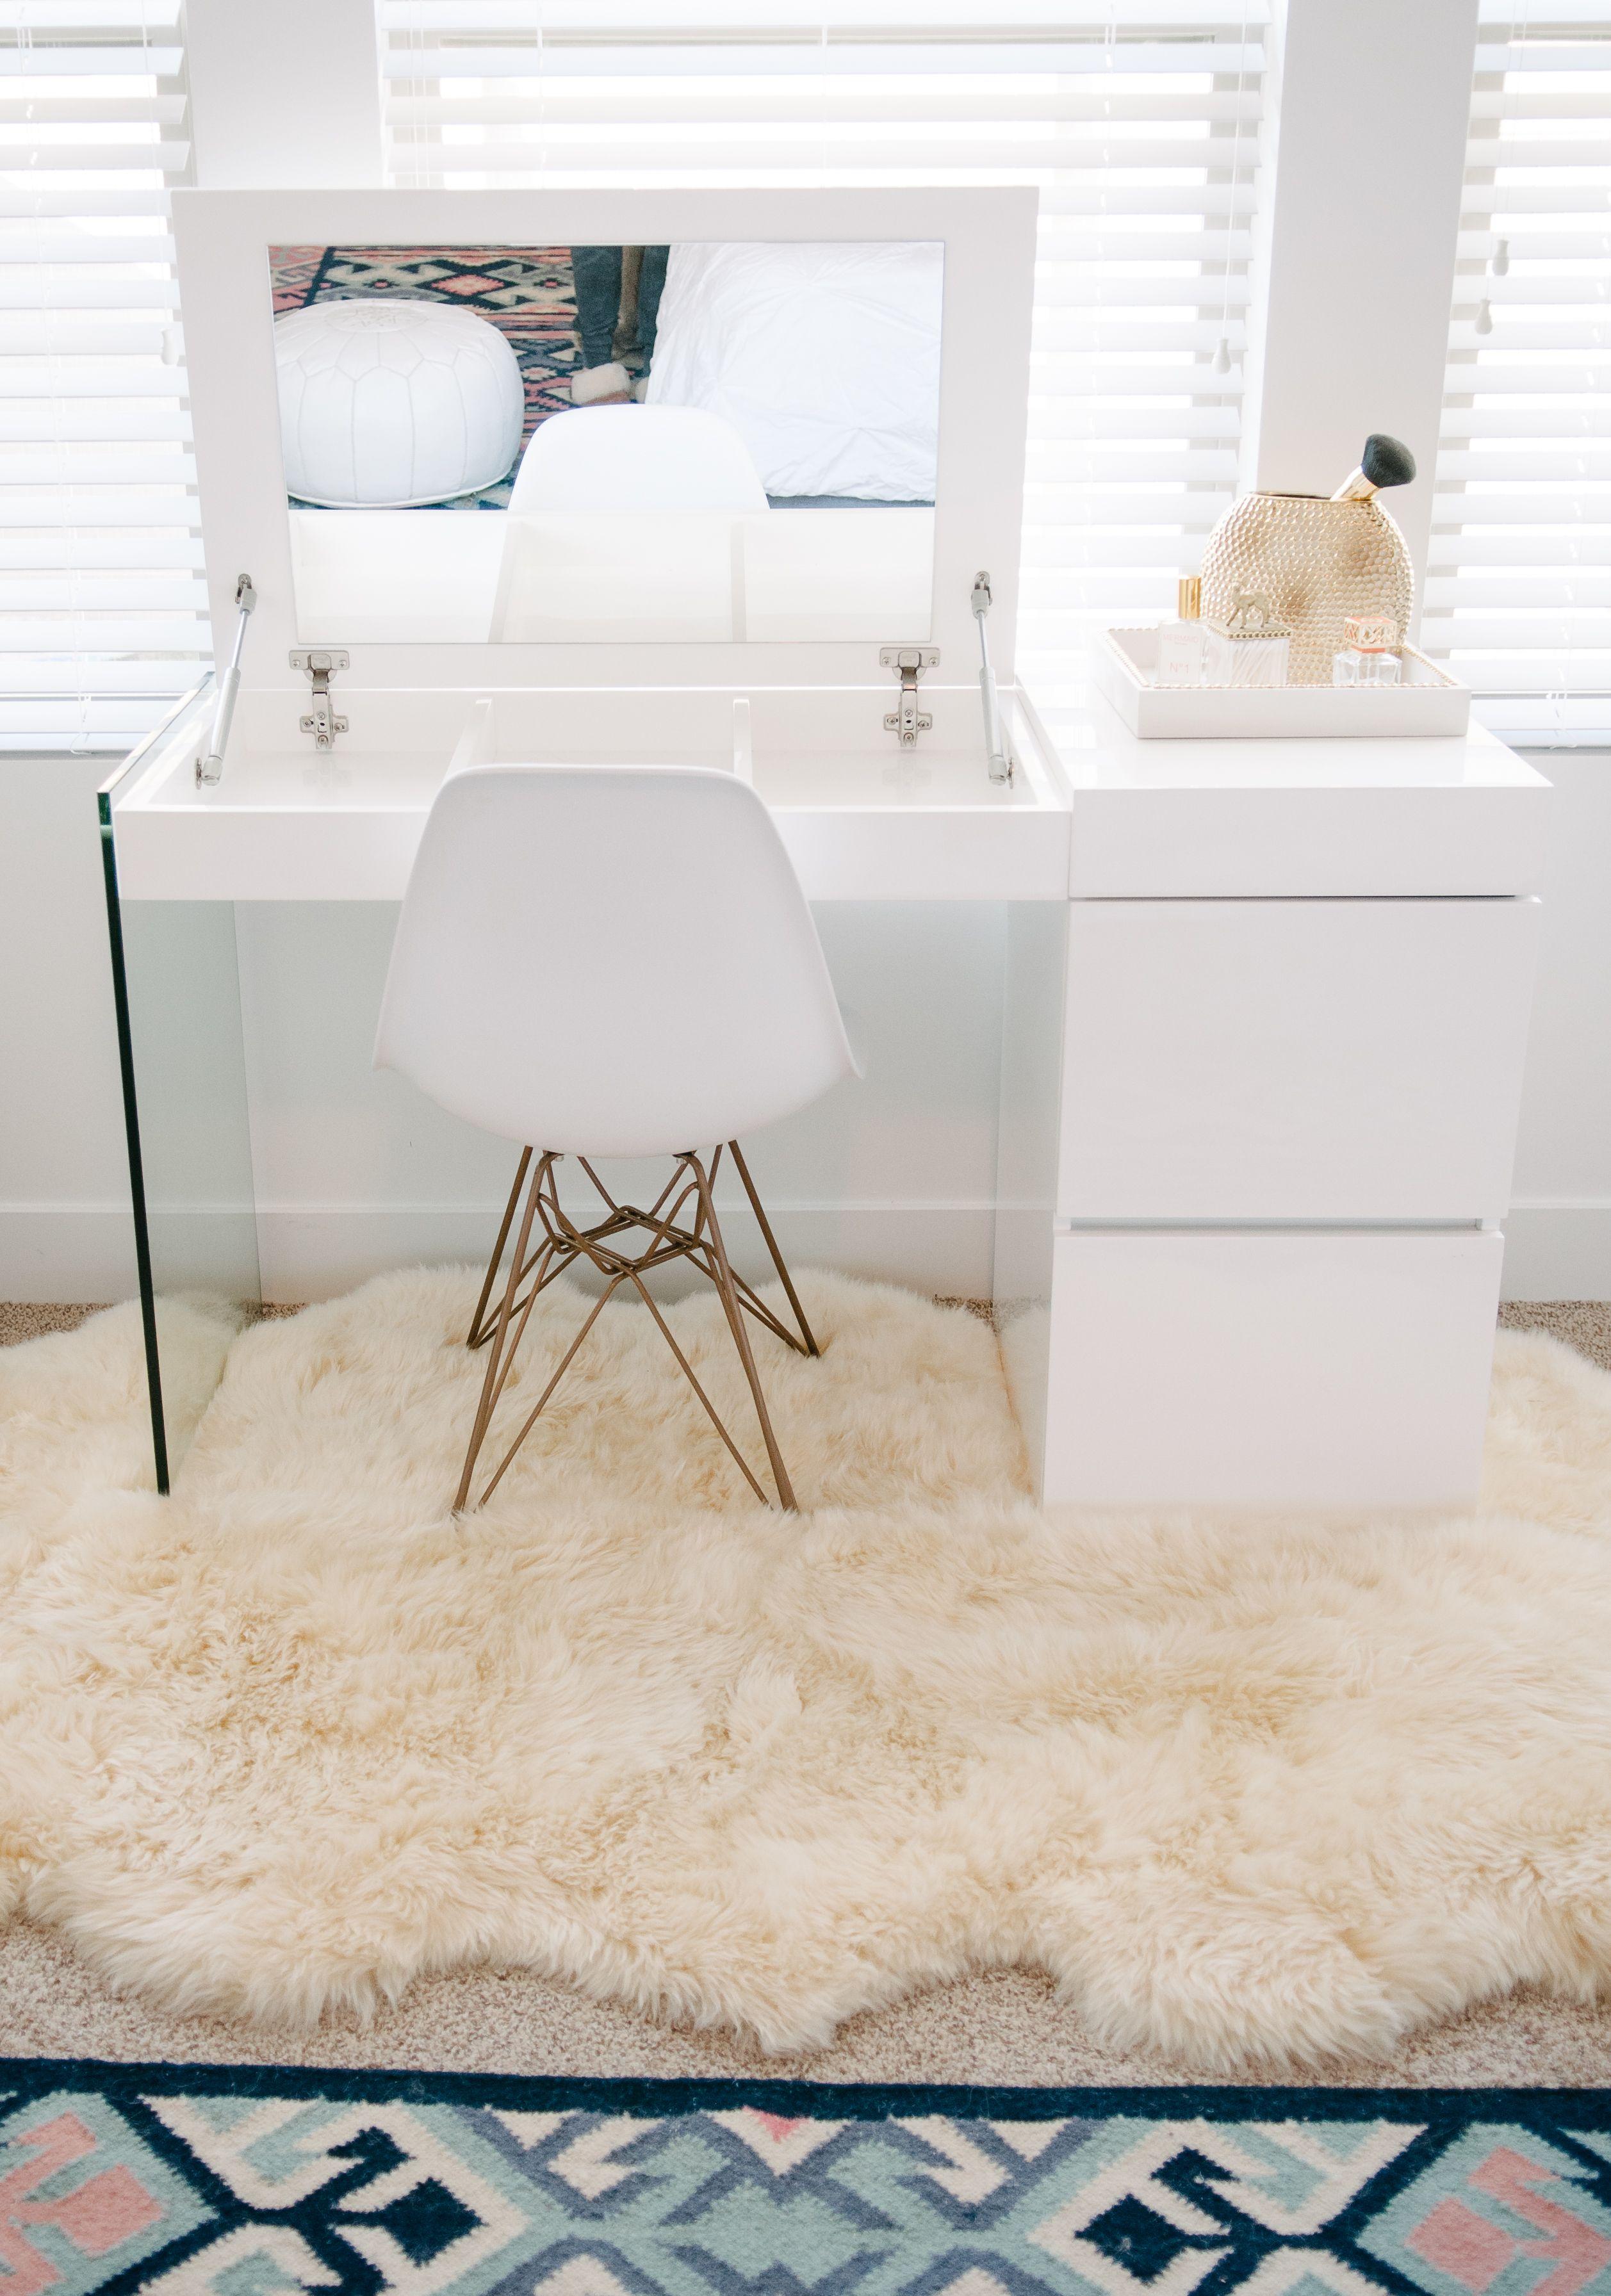 Pin by paula grehan on makeup room ideas pinterest vanities